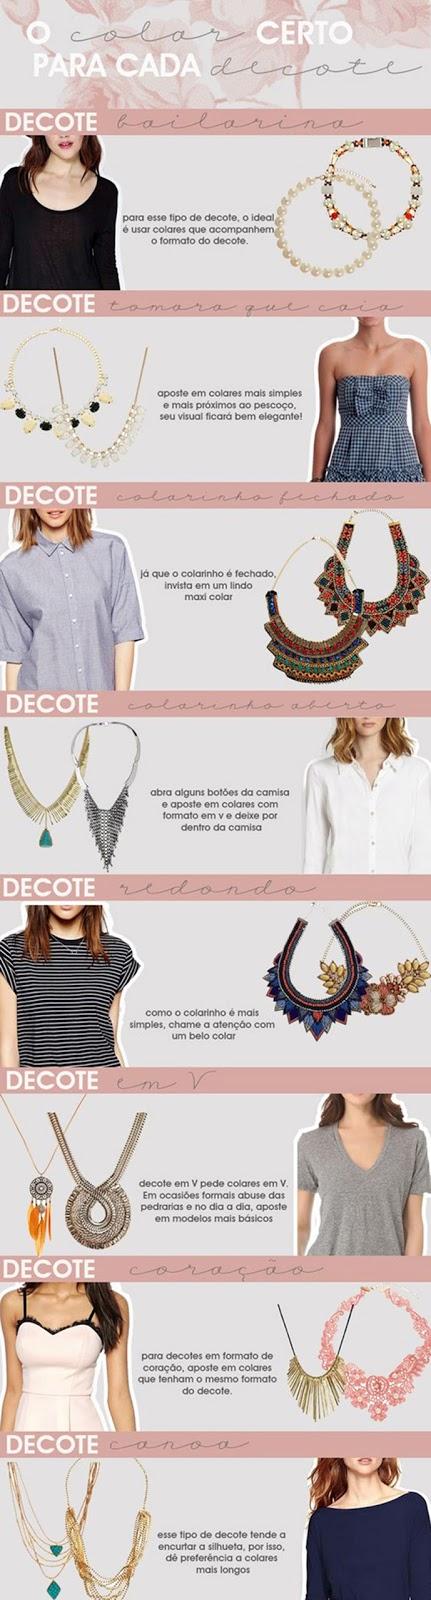 como combinar colar com o decote, decote e colares, colares e decotes, blog camila andrade, blogueira de moda em ribeirão preto, fashion blogger em ribeirão preto, o melhor blog de moda, consultoria de estilo